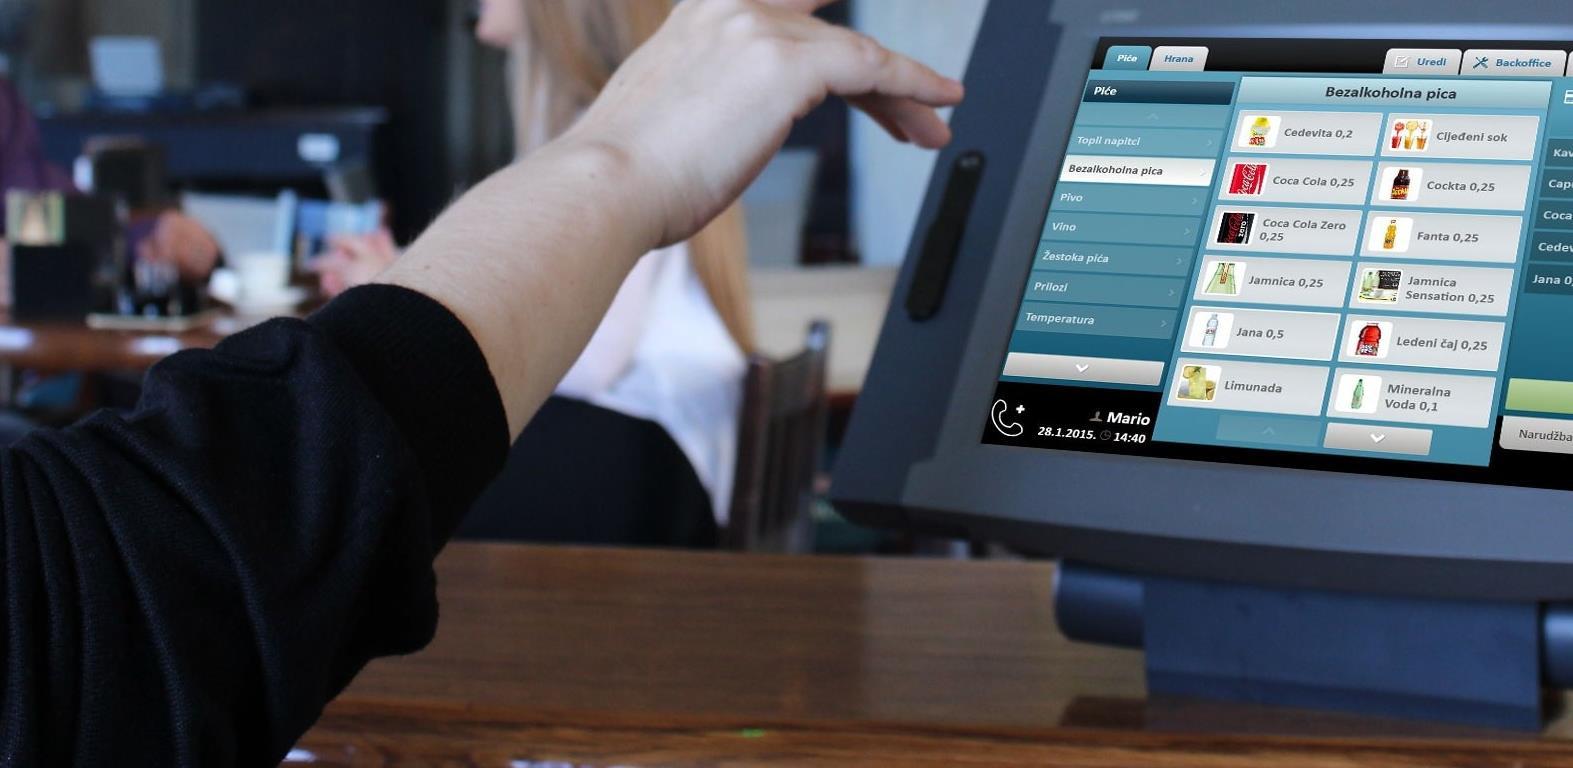 Objavljen Pravilnik: Dati rokovi do kada privrednici moraju zamijeniti fiskalne kase